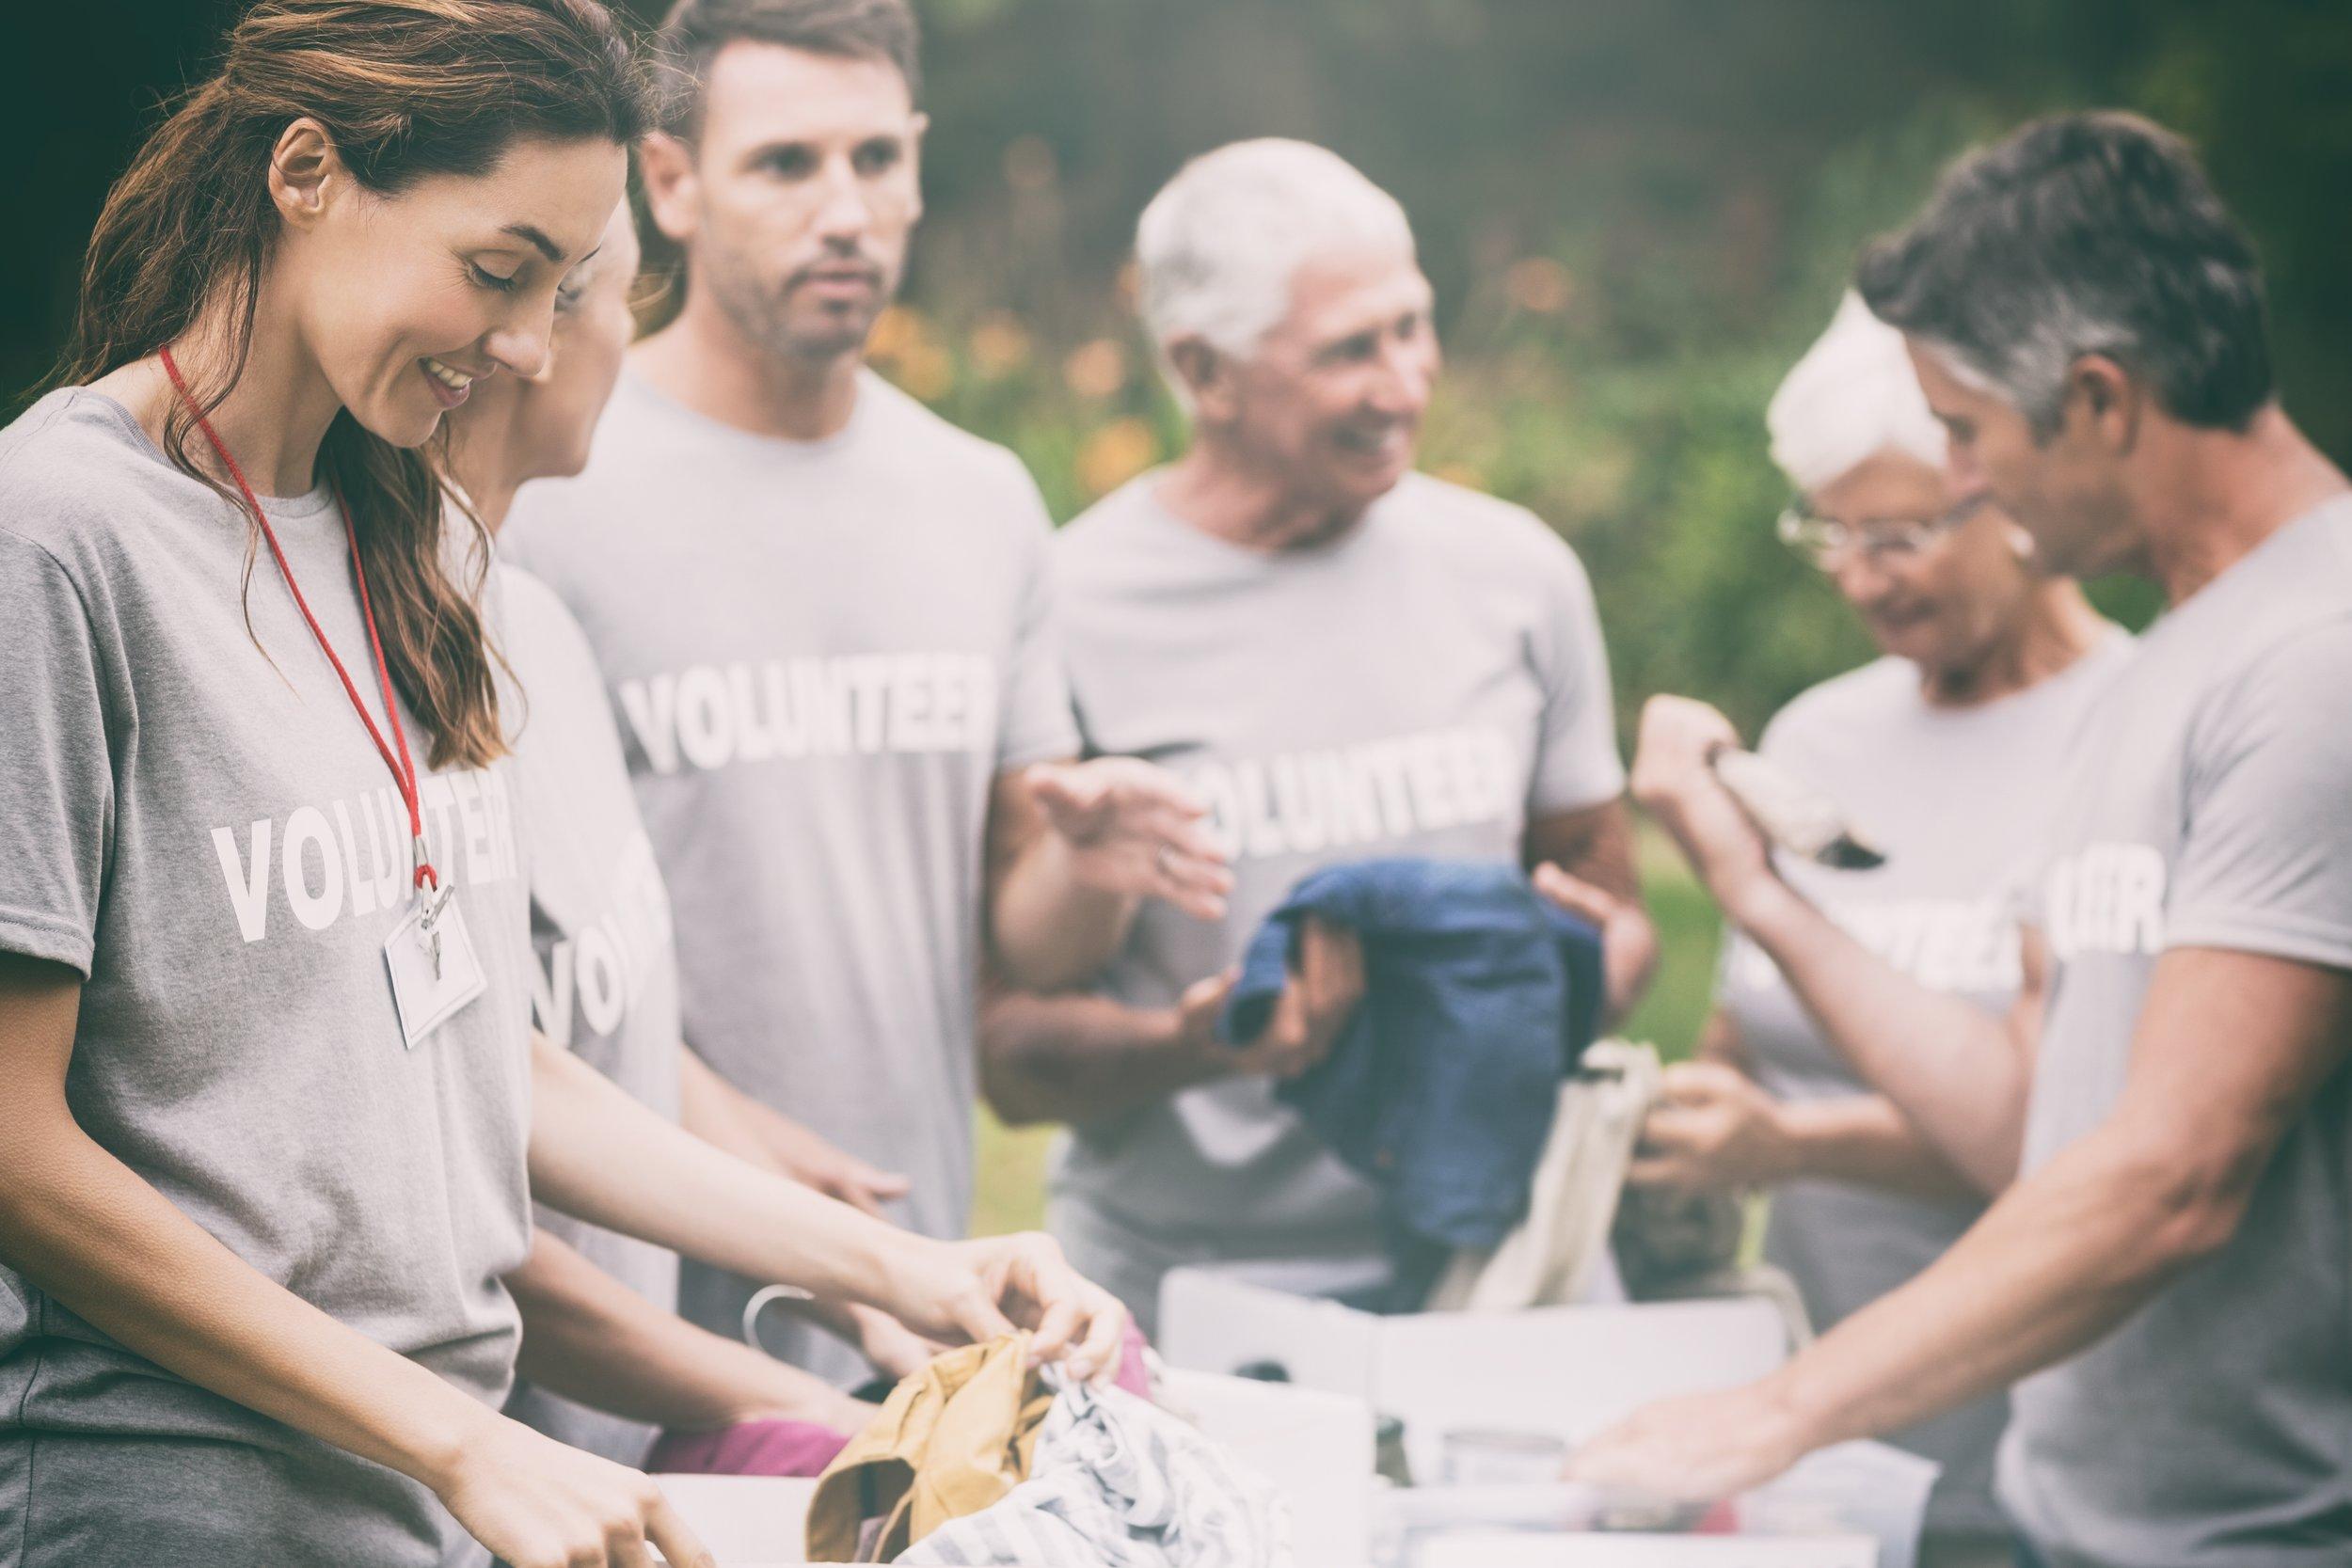 Love to volunteer? - Enroll in an on-site volunteer program.